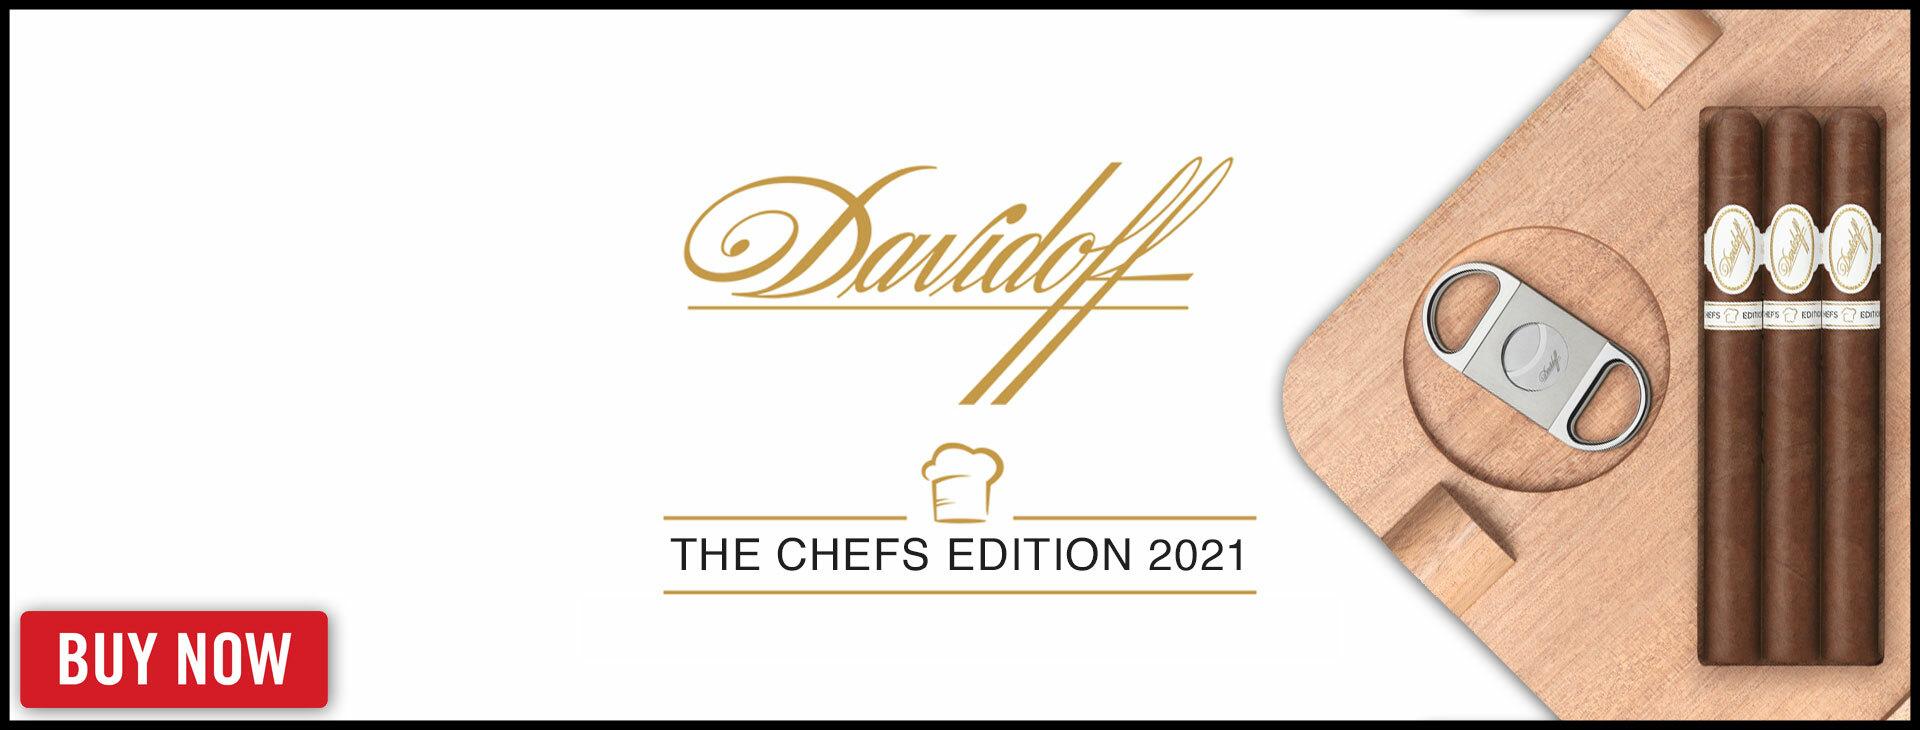 Rare 2021 Davidoff Chef's Edition